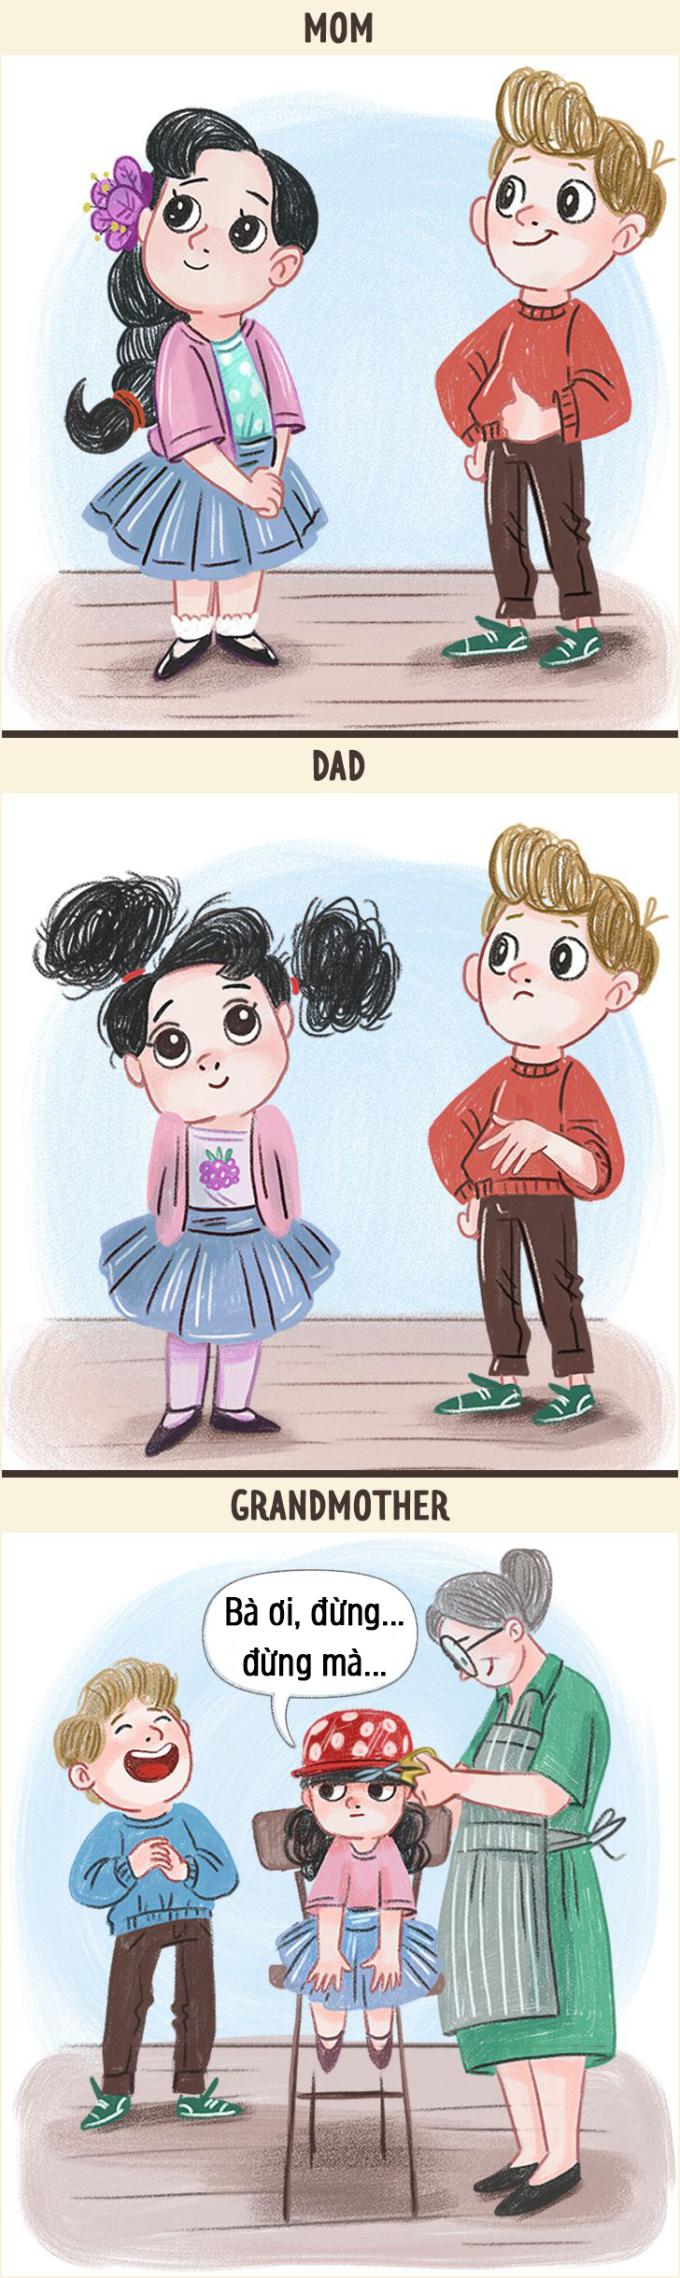 <p>Mẹ có thể tạo nên kiểu tóc ưng ý, thời trang. Bố cố gắng buộc gọn gàng nhất có thể. Còn bà luôn muốn bạn gọn gàng bằng cách... cắt tóc.</p>